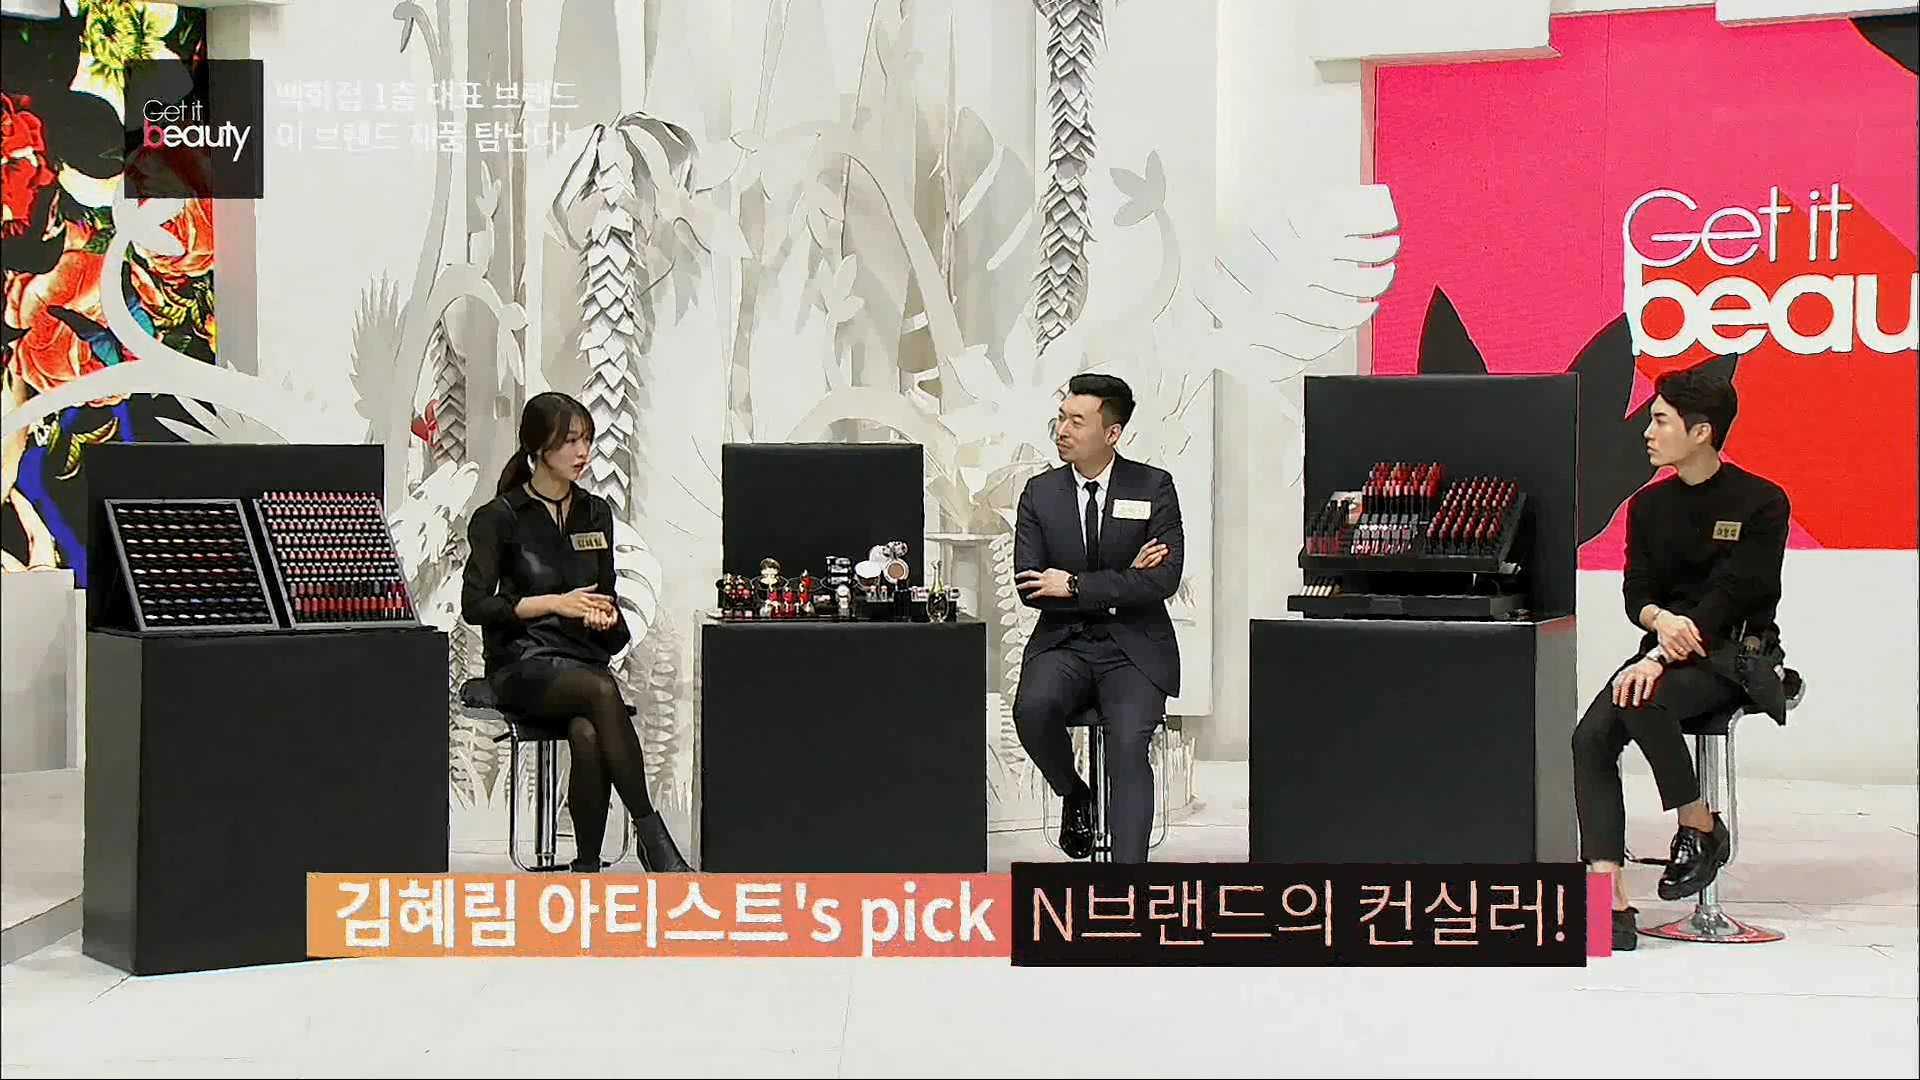 M사의 김혜림 아티스트분 께서는 N브랜드의 컨실러를 선택하셨어요